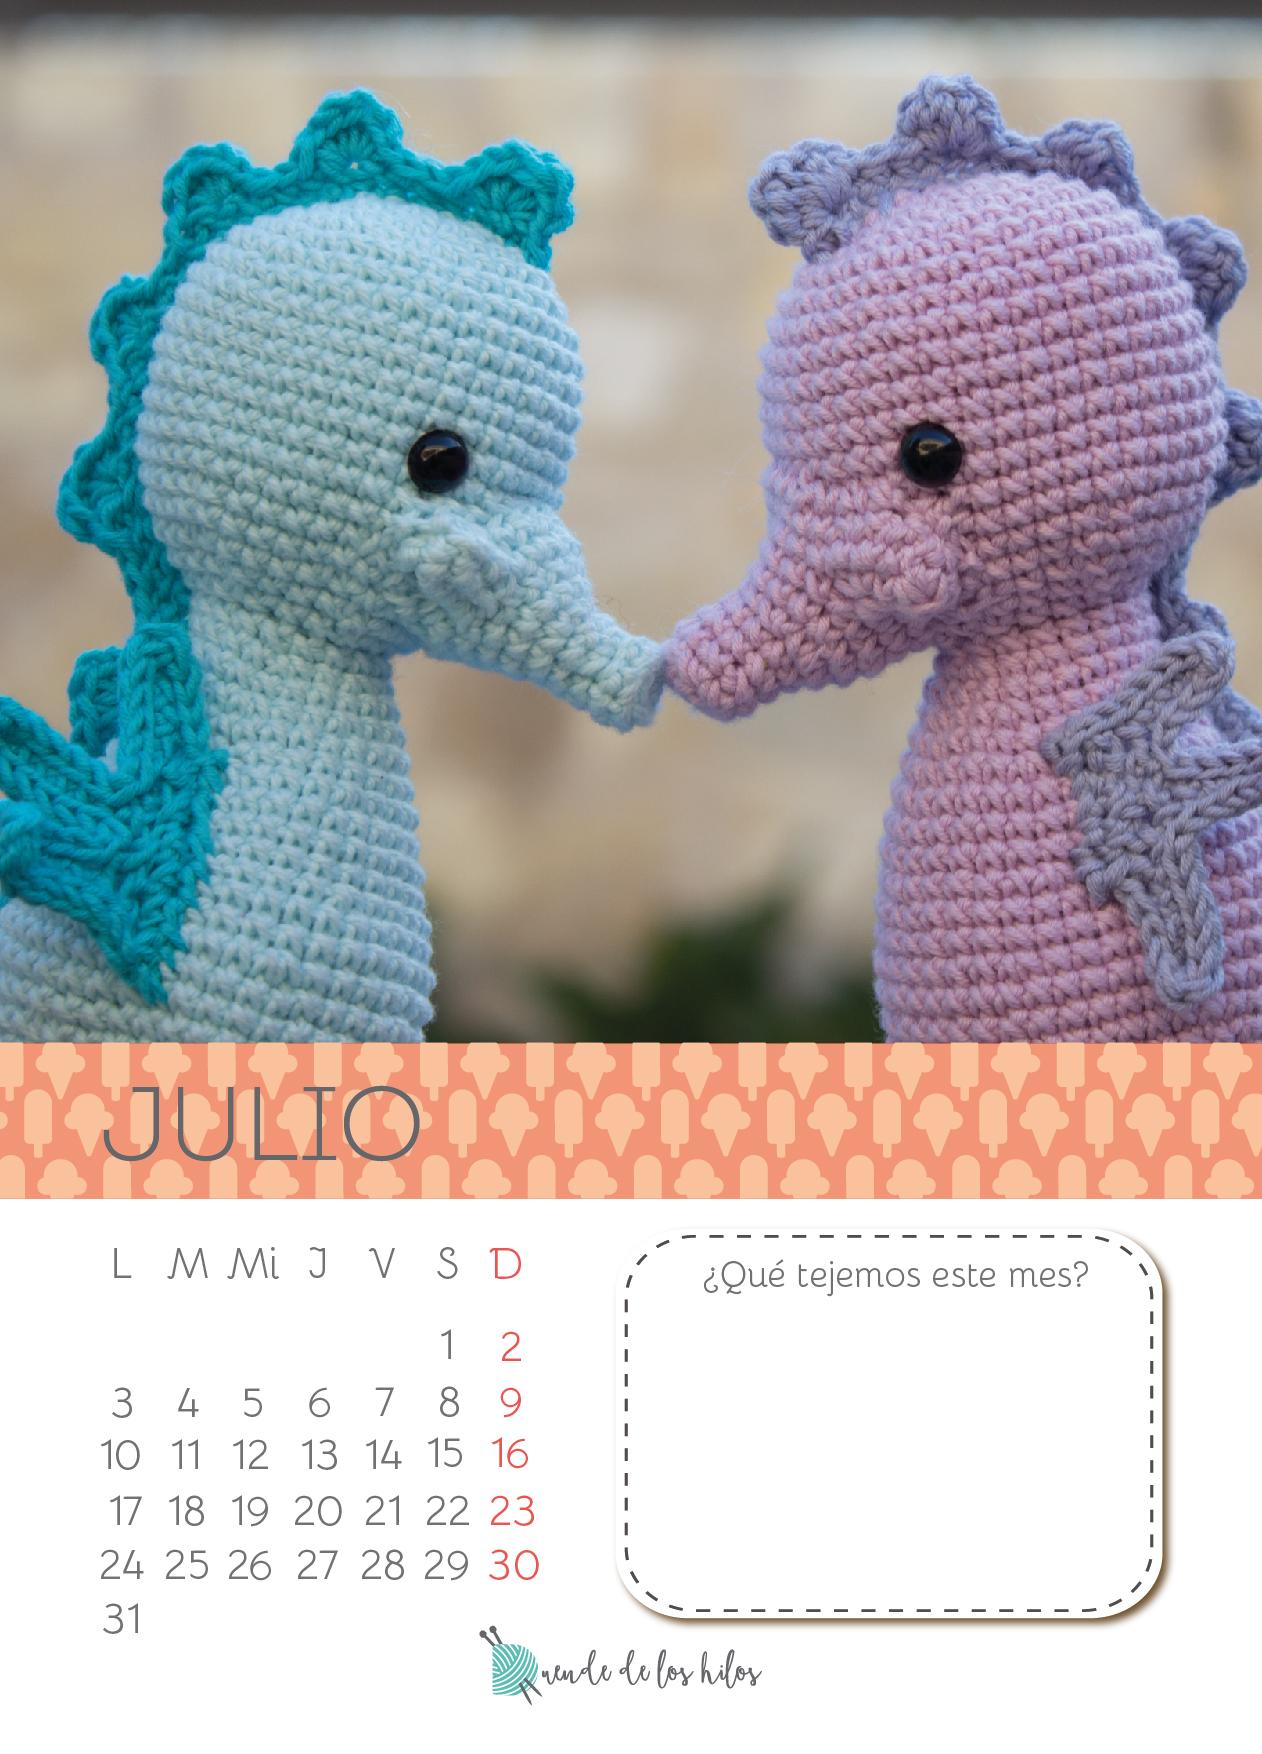 Patrones crochet – Página 3 – Amigurumi Duende de los Hilos